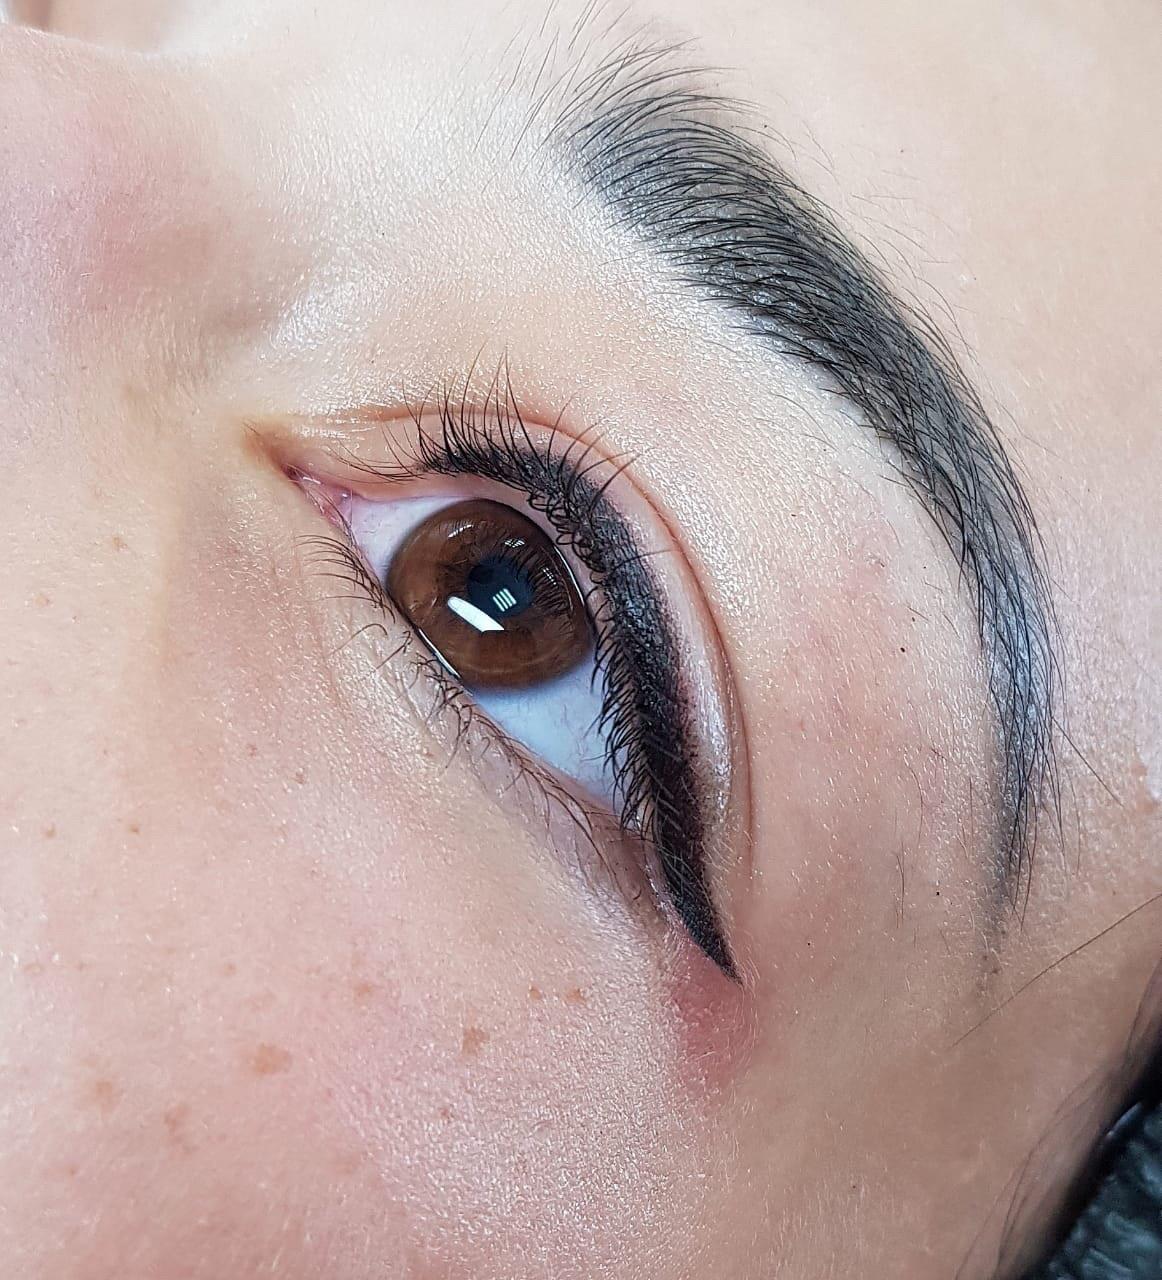 Девушки, в учебный центр перманентного макияжа, нужны модели на перманентный макияж стрелок.